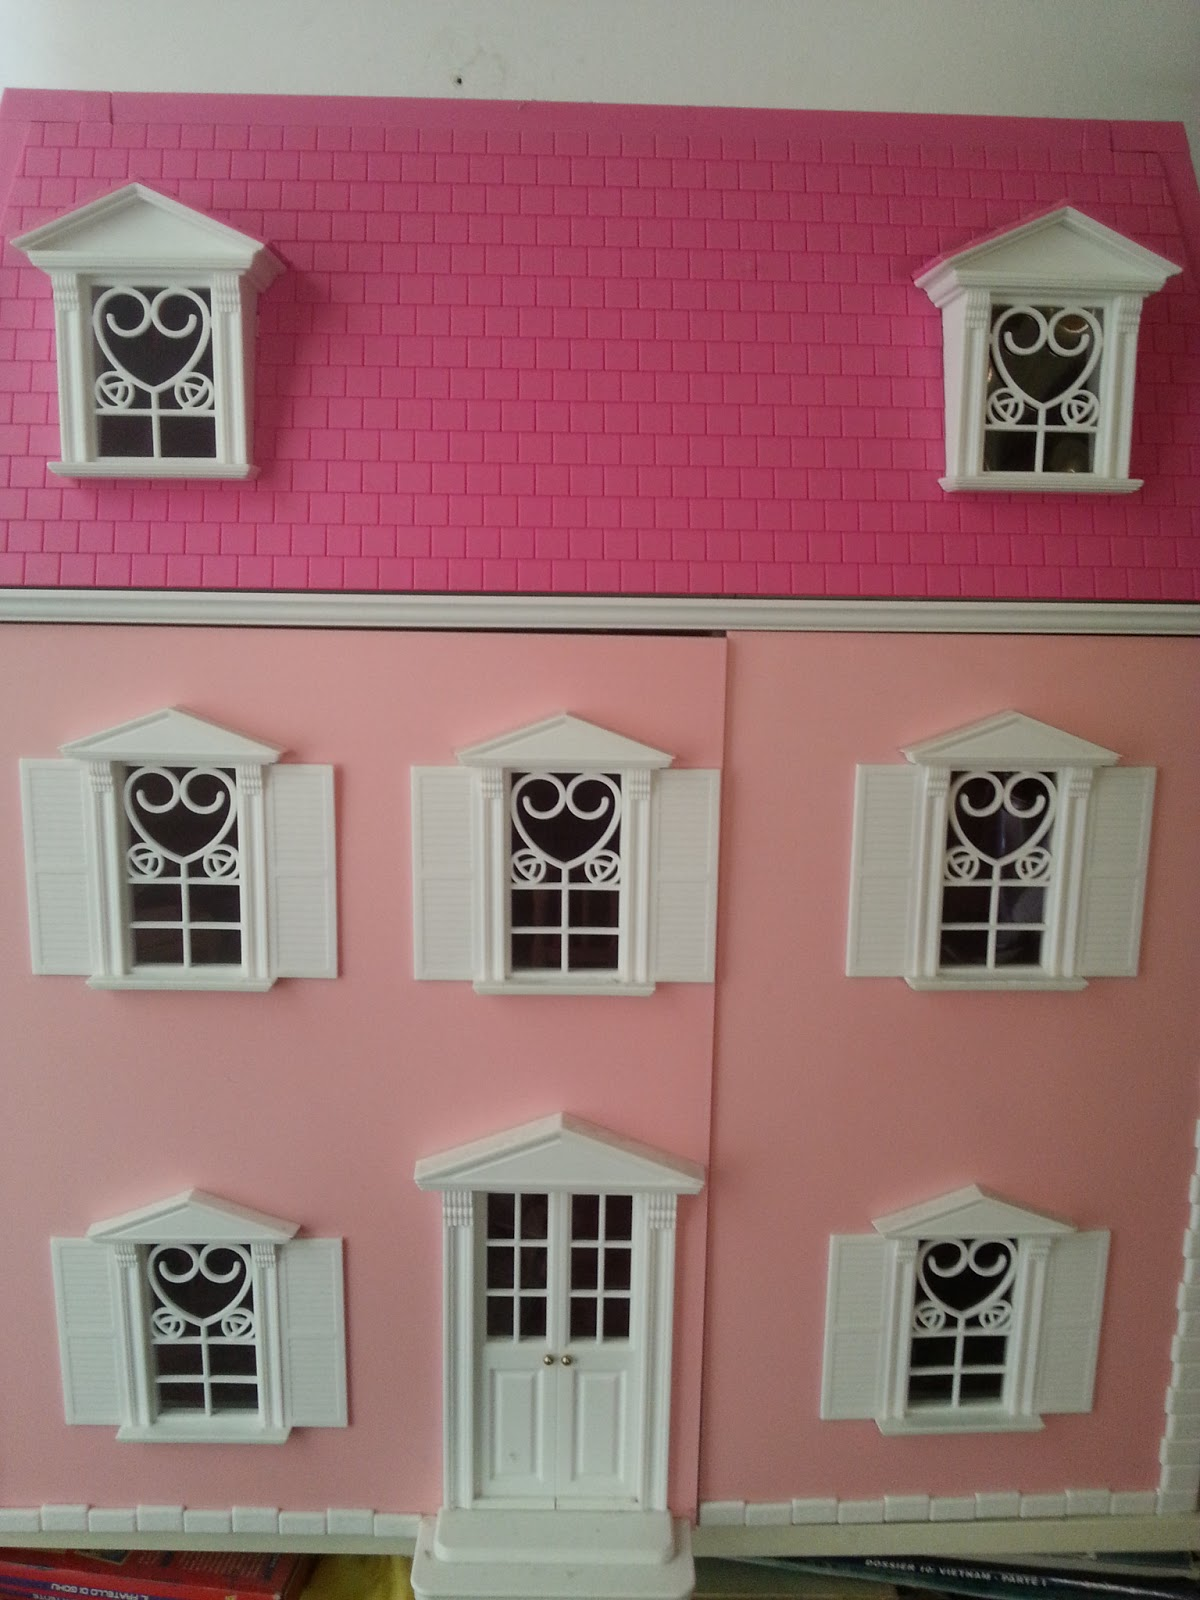 Il laboratorio di manu una casa nuova da arredare a new - Arredare casa nuova ...